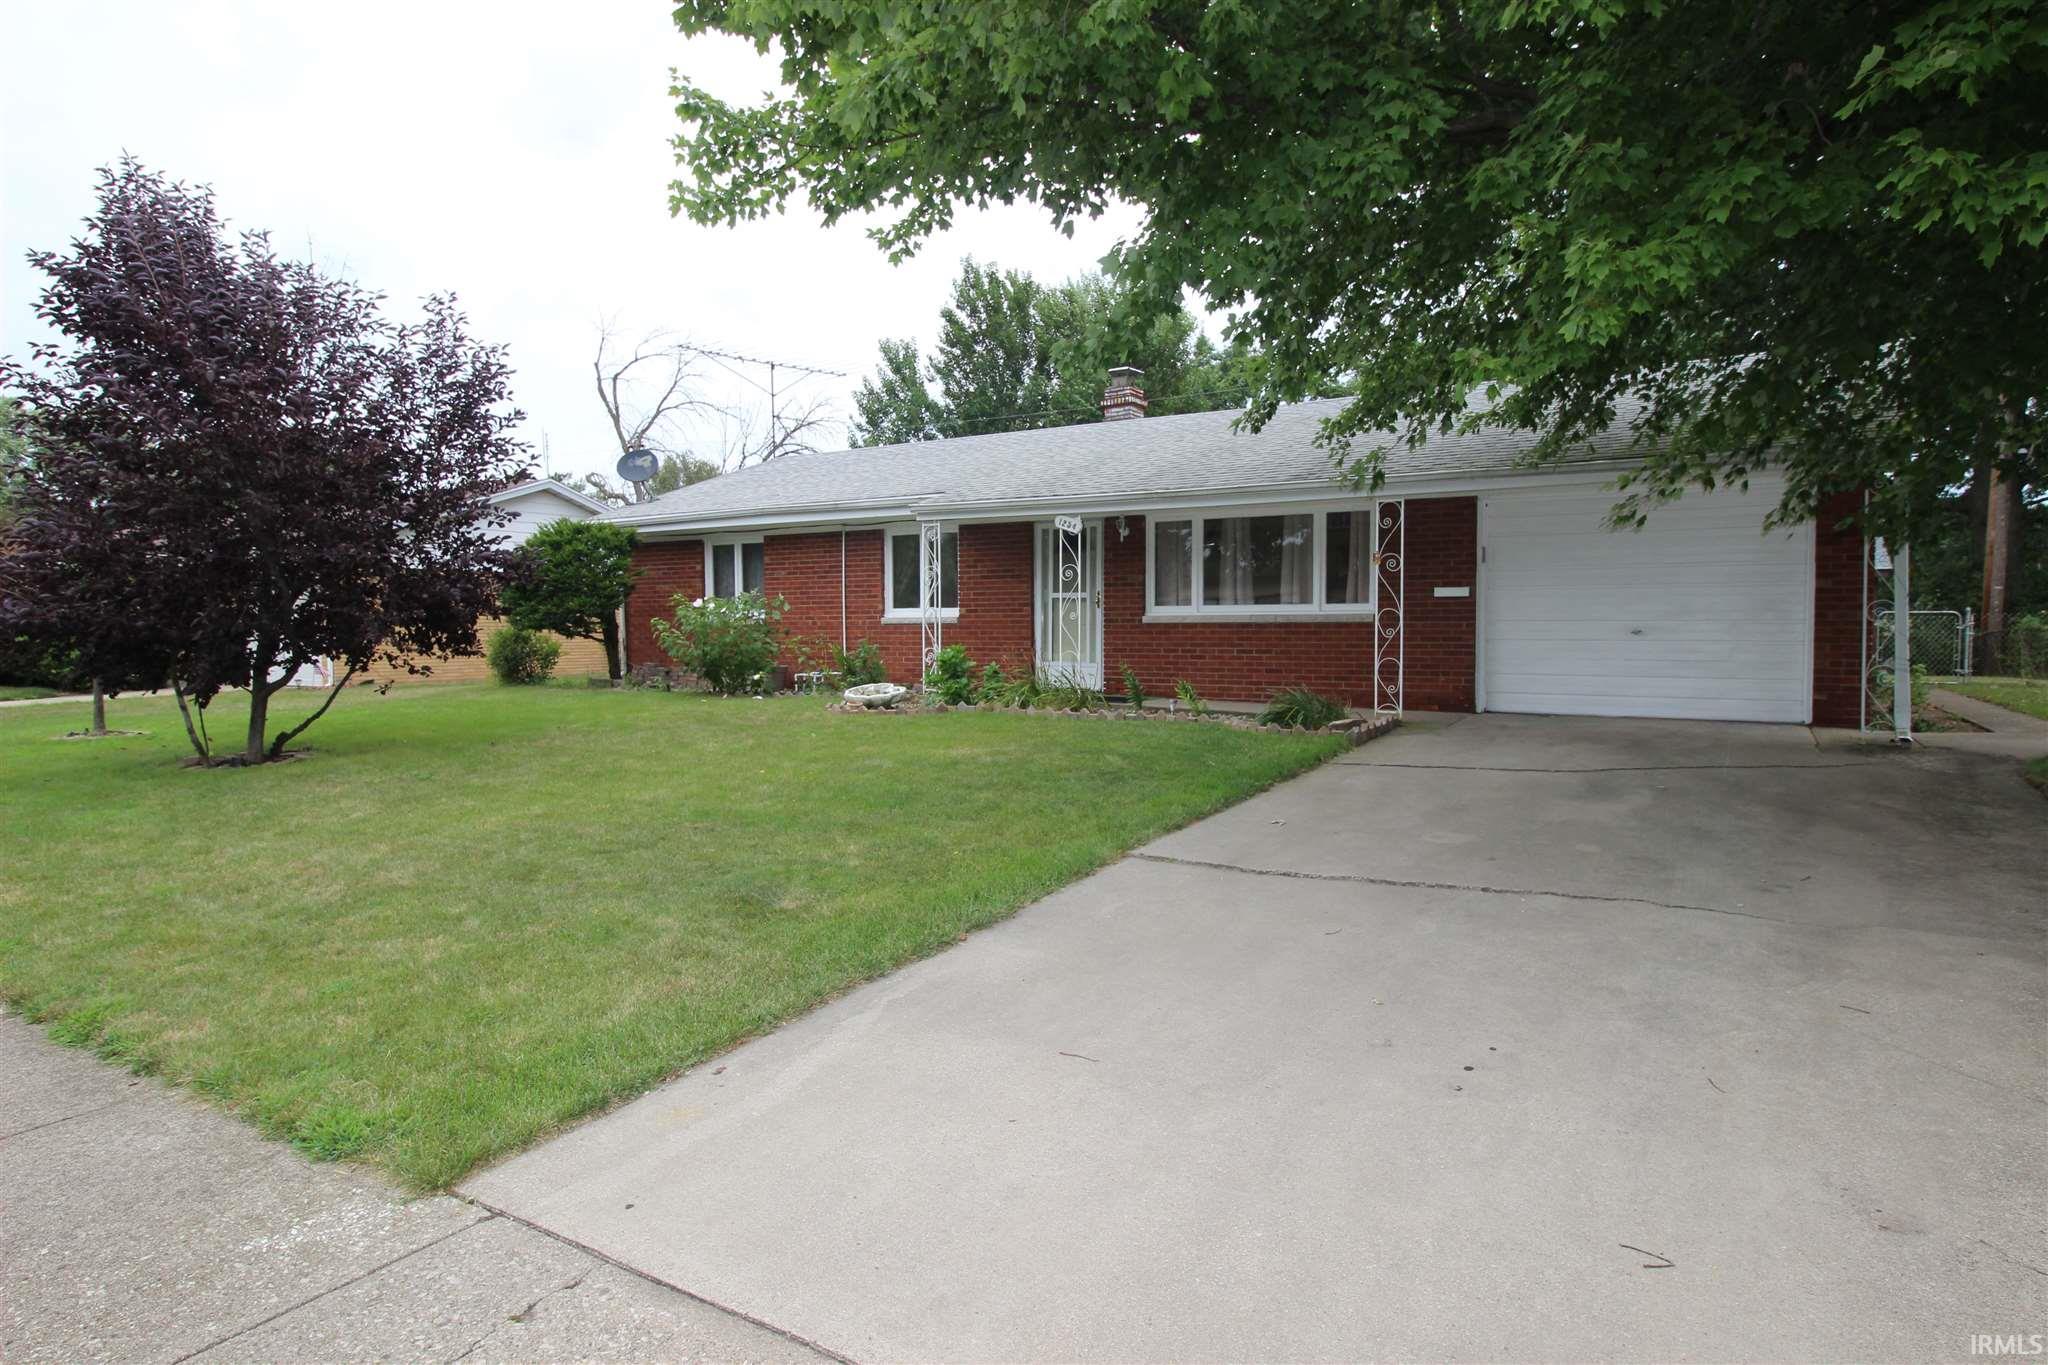 1254 N Sheridan South Bend, IN 46628